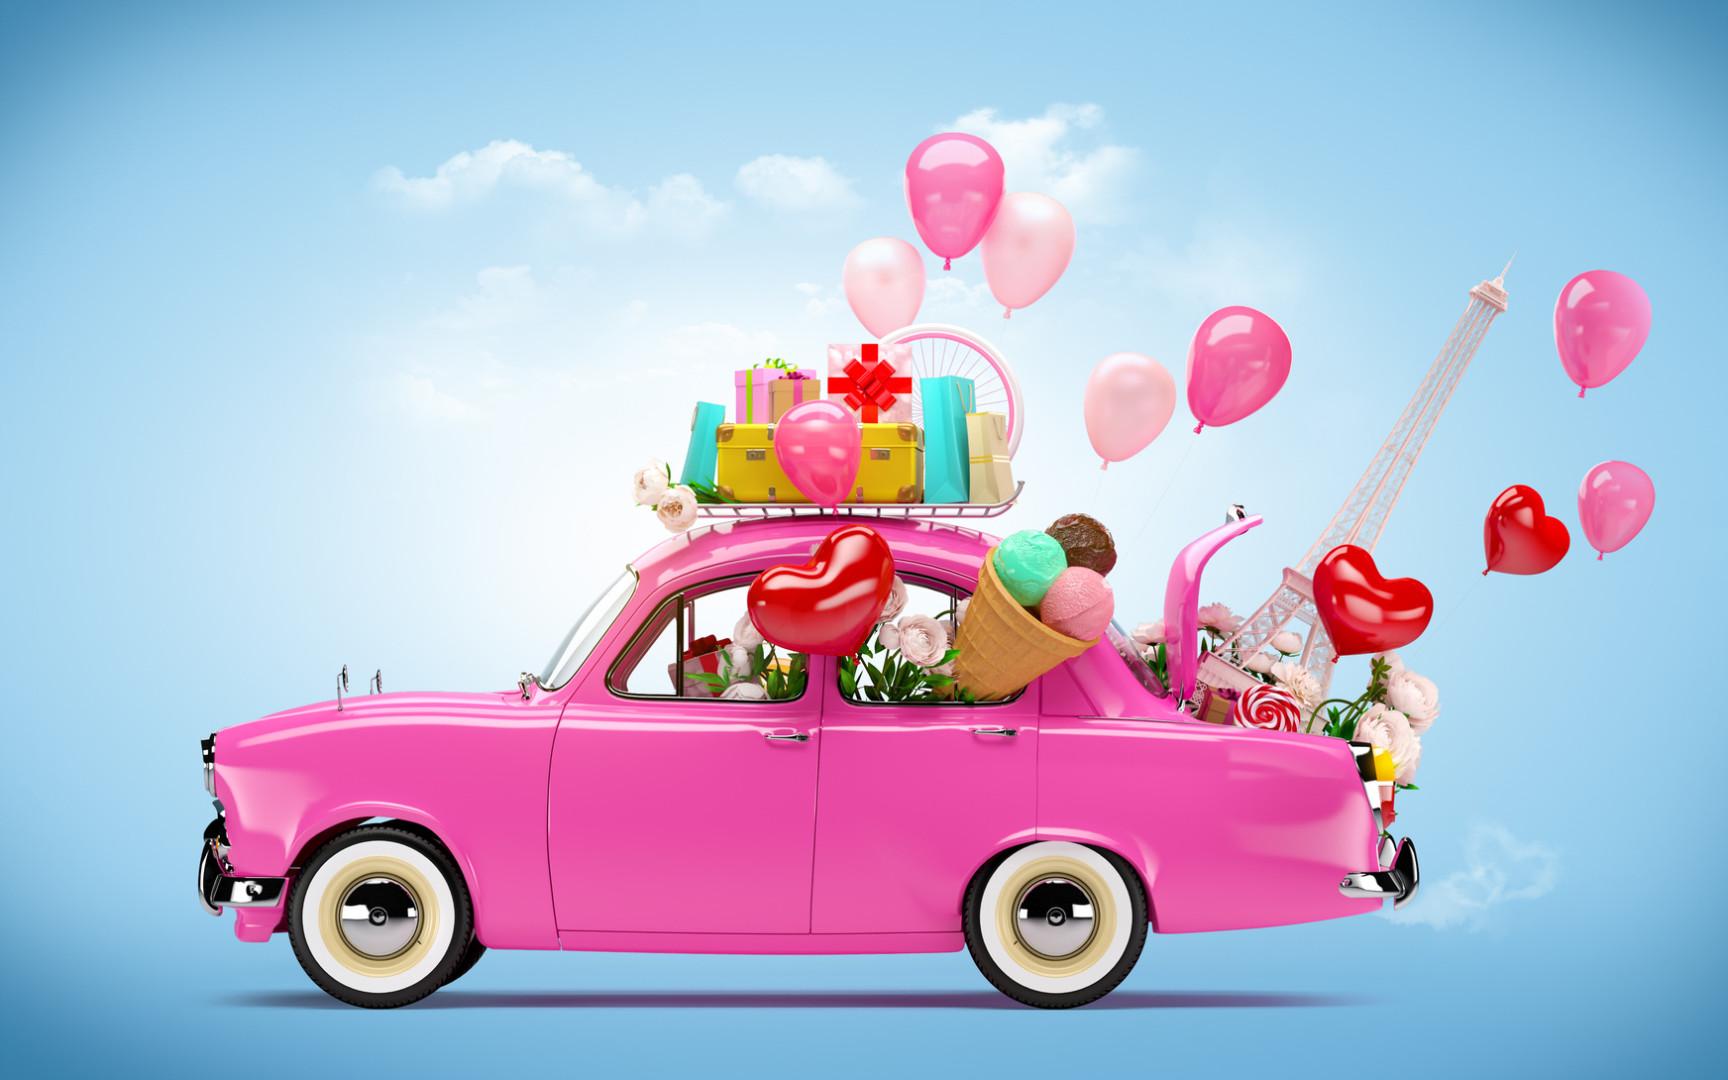 Car of love